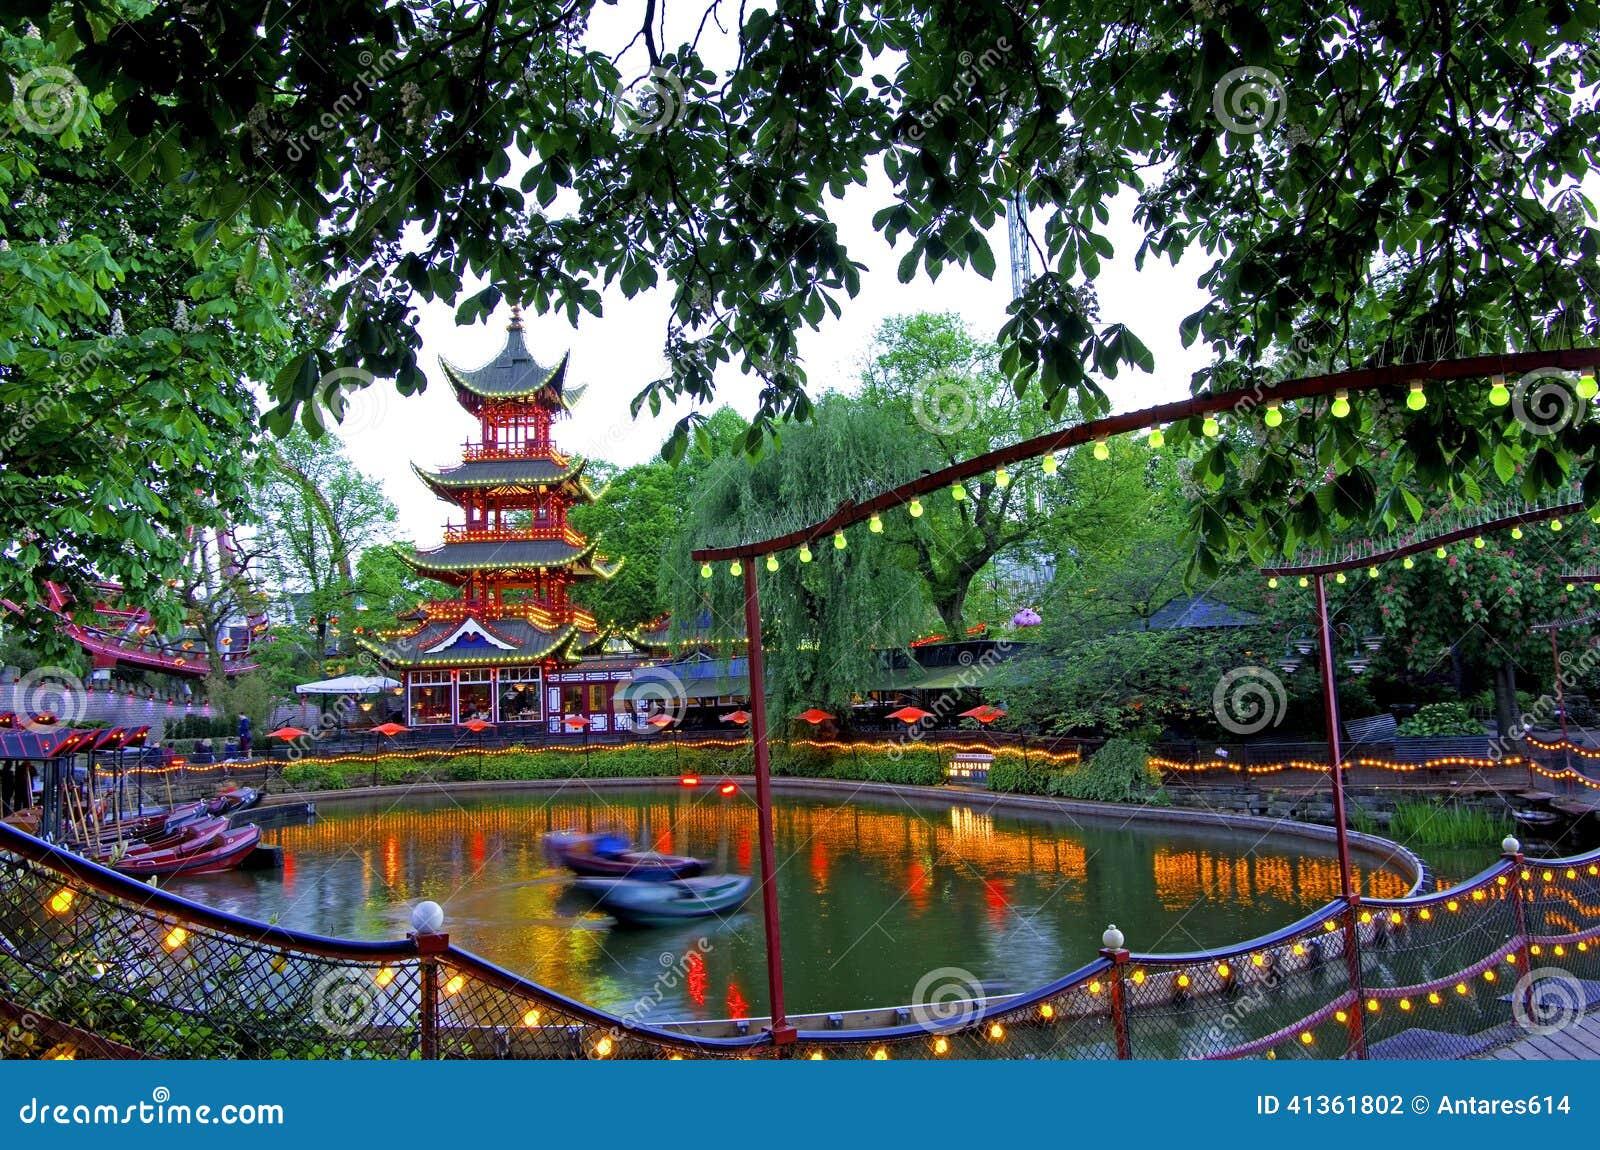 tivoli gardens - Jardins De Tivoli